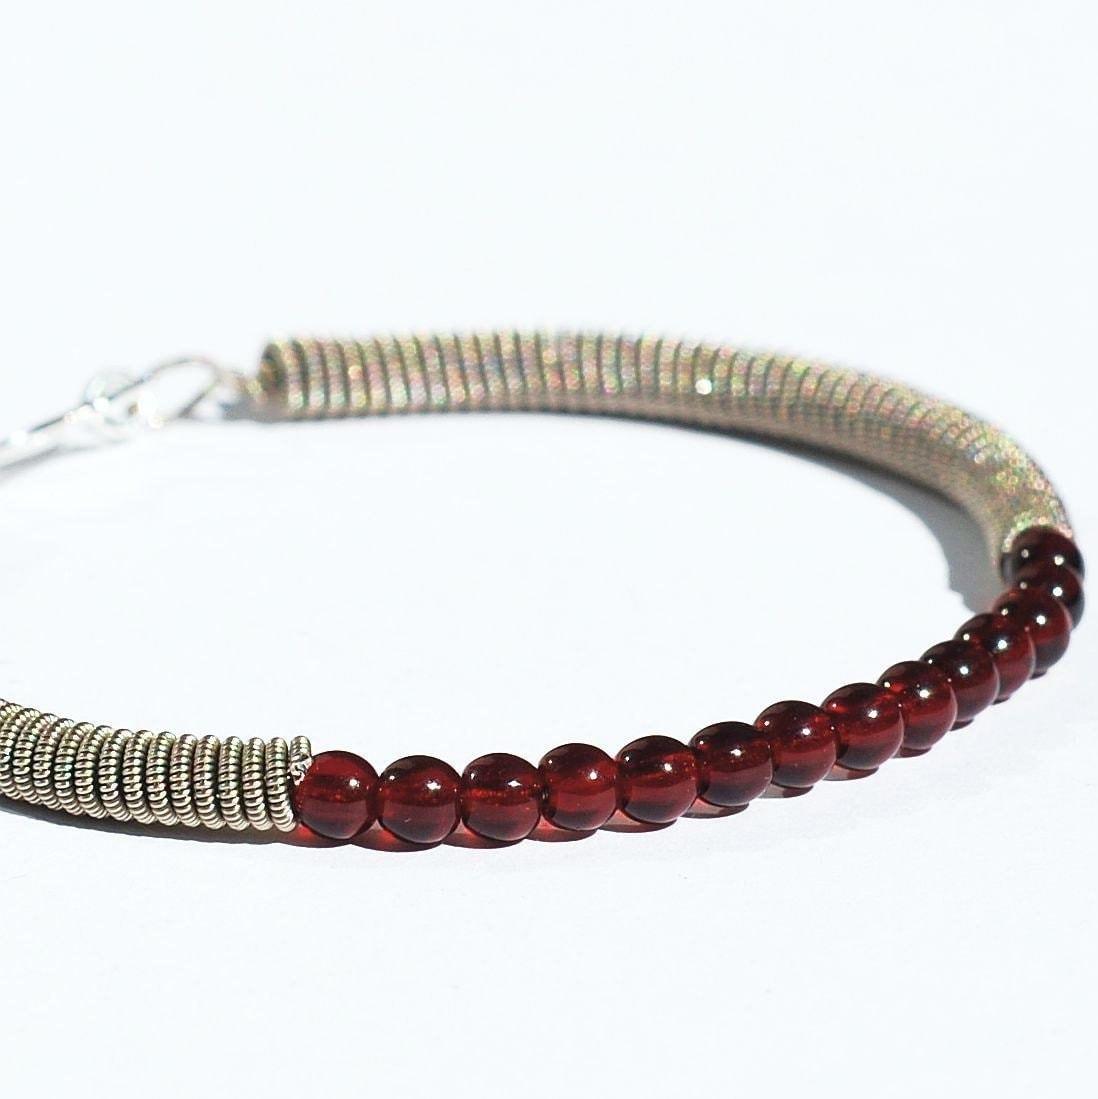 guitar string bracelet upcycled silver and garnet red bead etsy. Black Bedroom Furniture Sets. Home Design Ideas